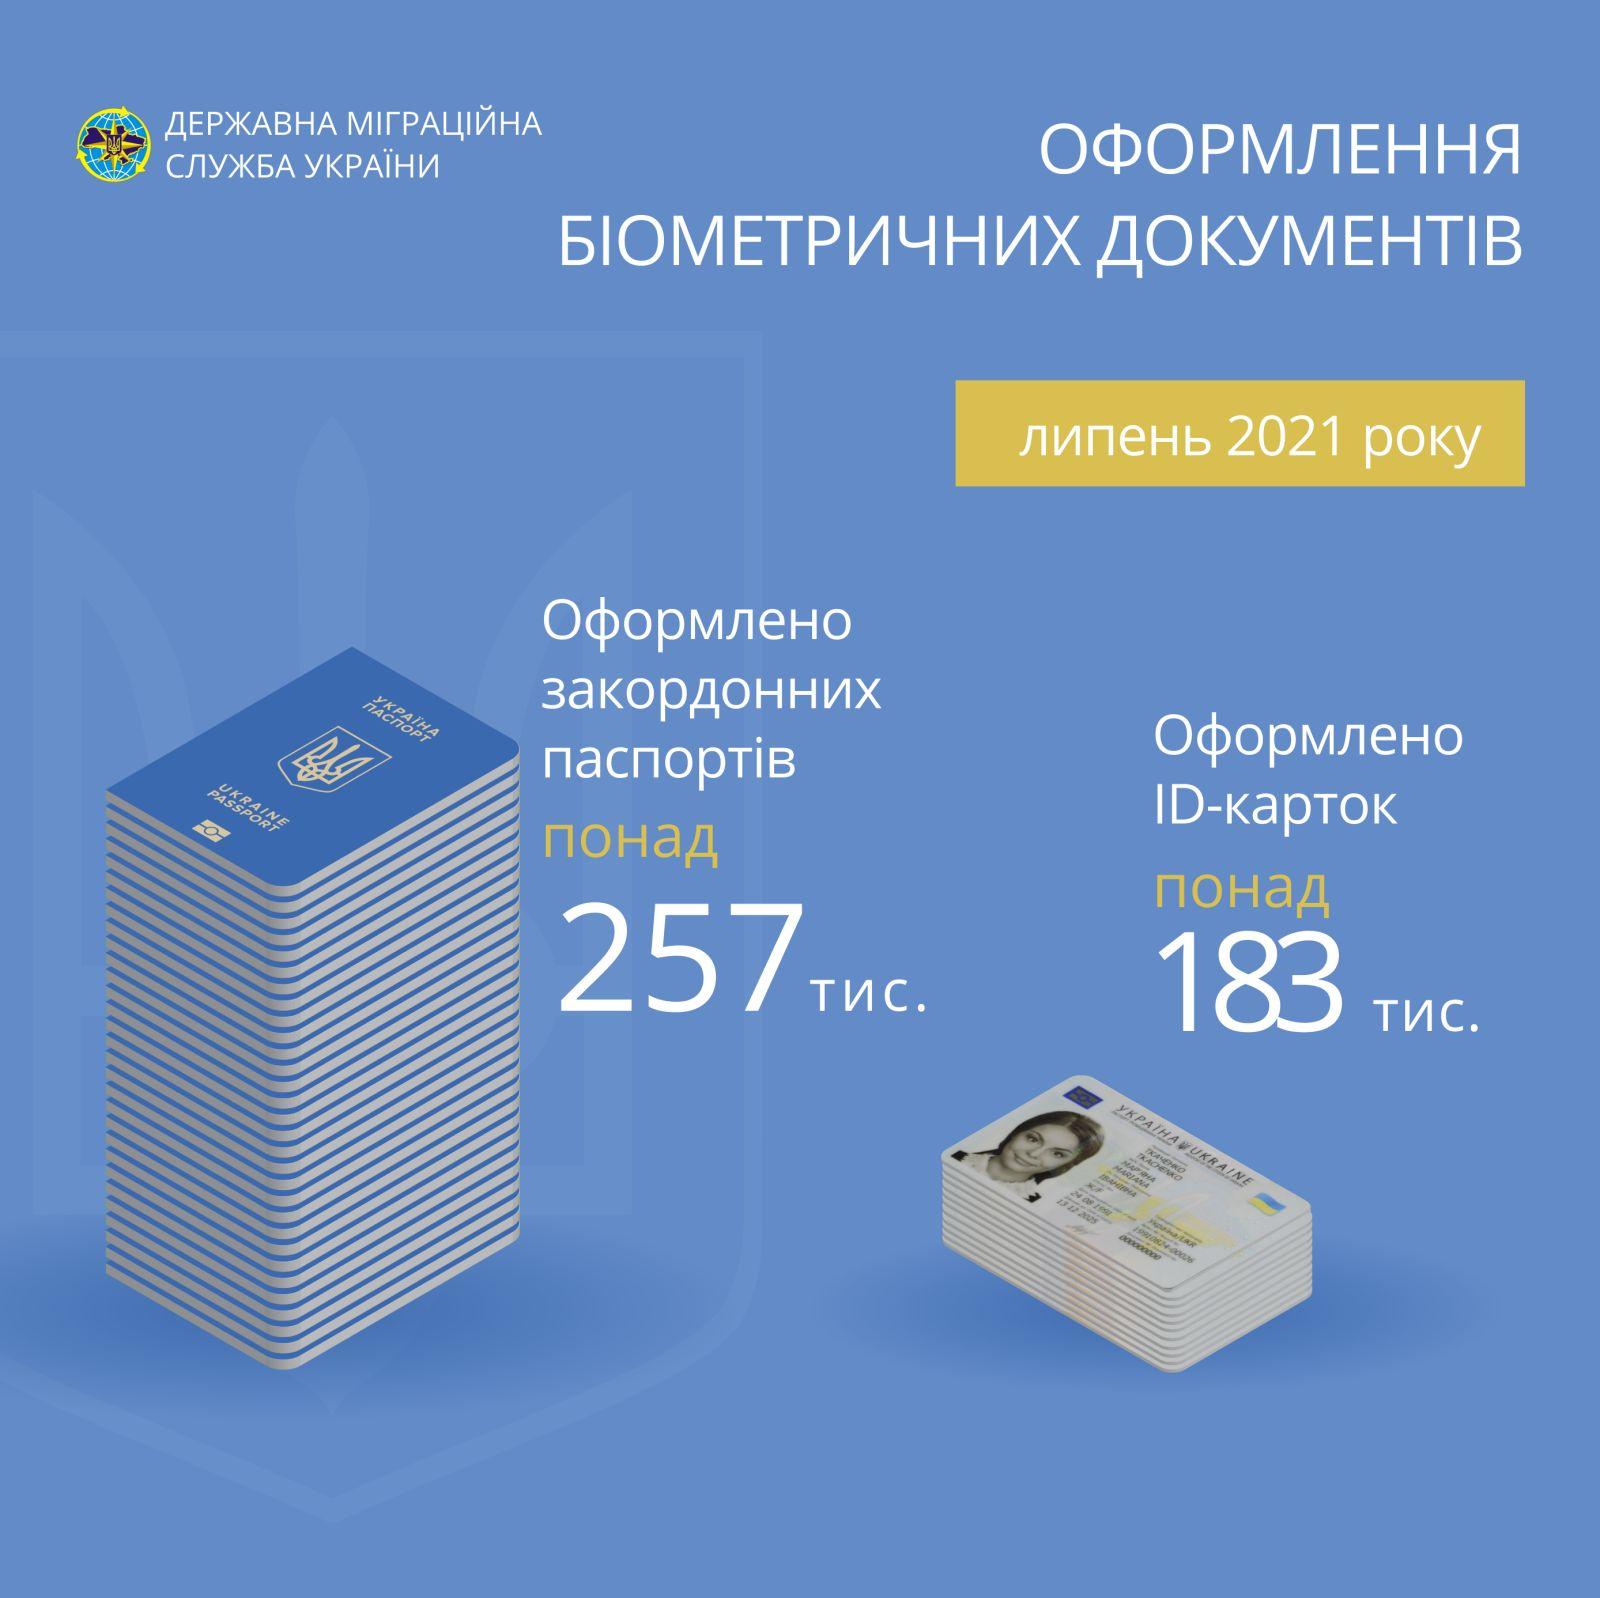 В Україні цьогоріч вже оформили понад 1,2 мільйона біометричних закордонних паспортів